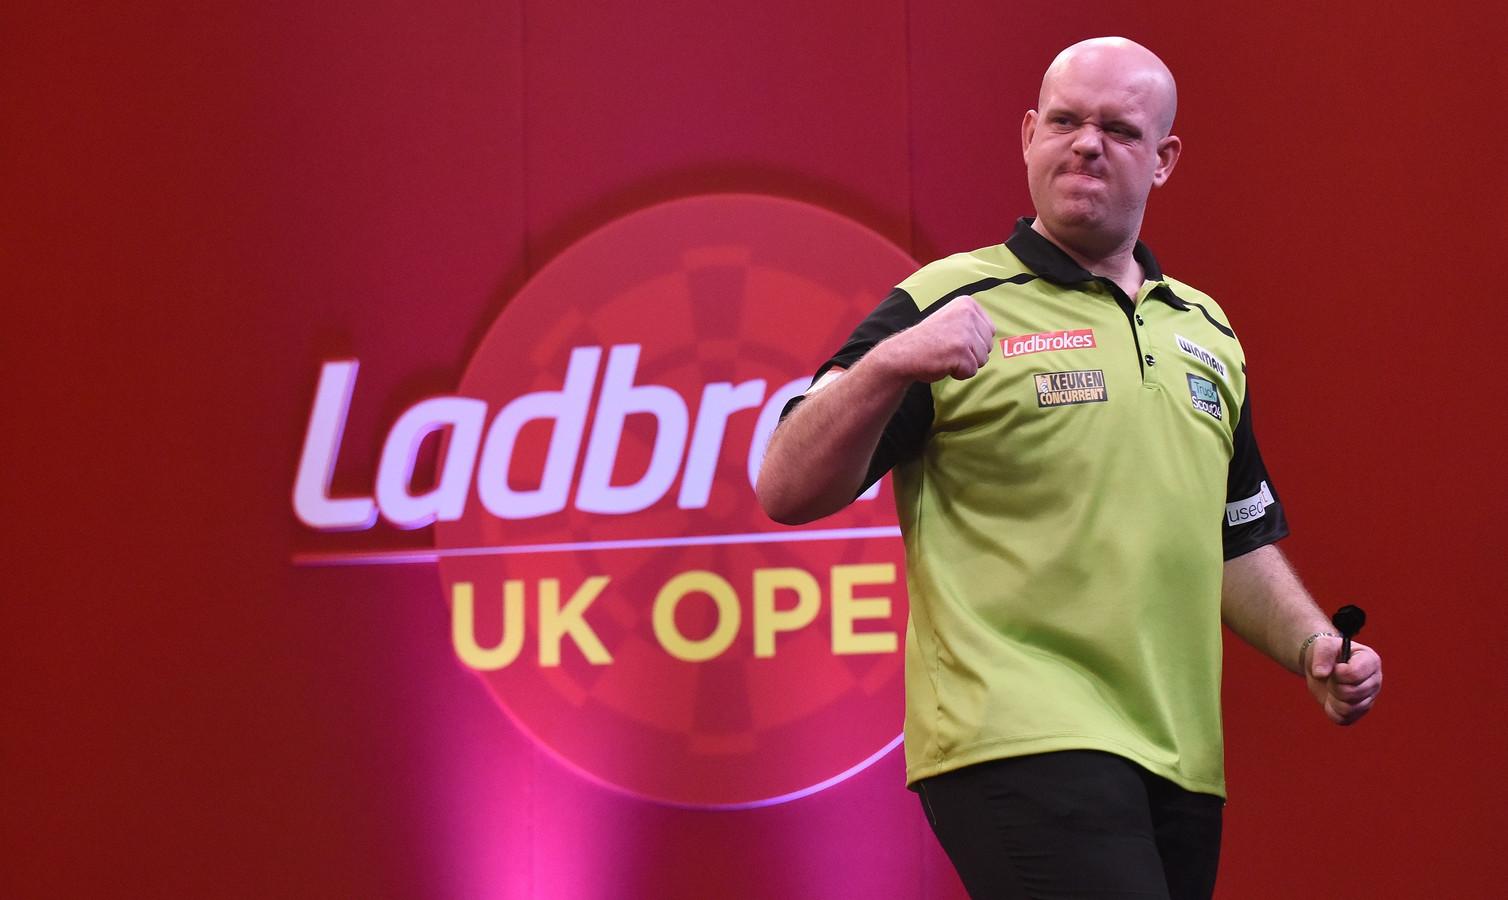 Michael van Gerwen is strijdbaar en staat bij de UK Open in de kwartfinales.